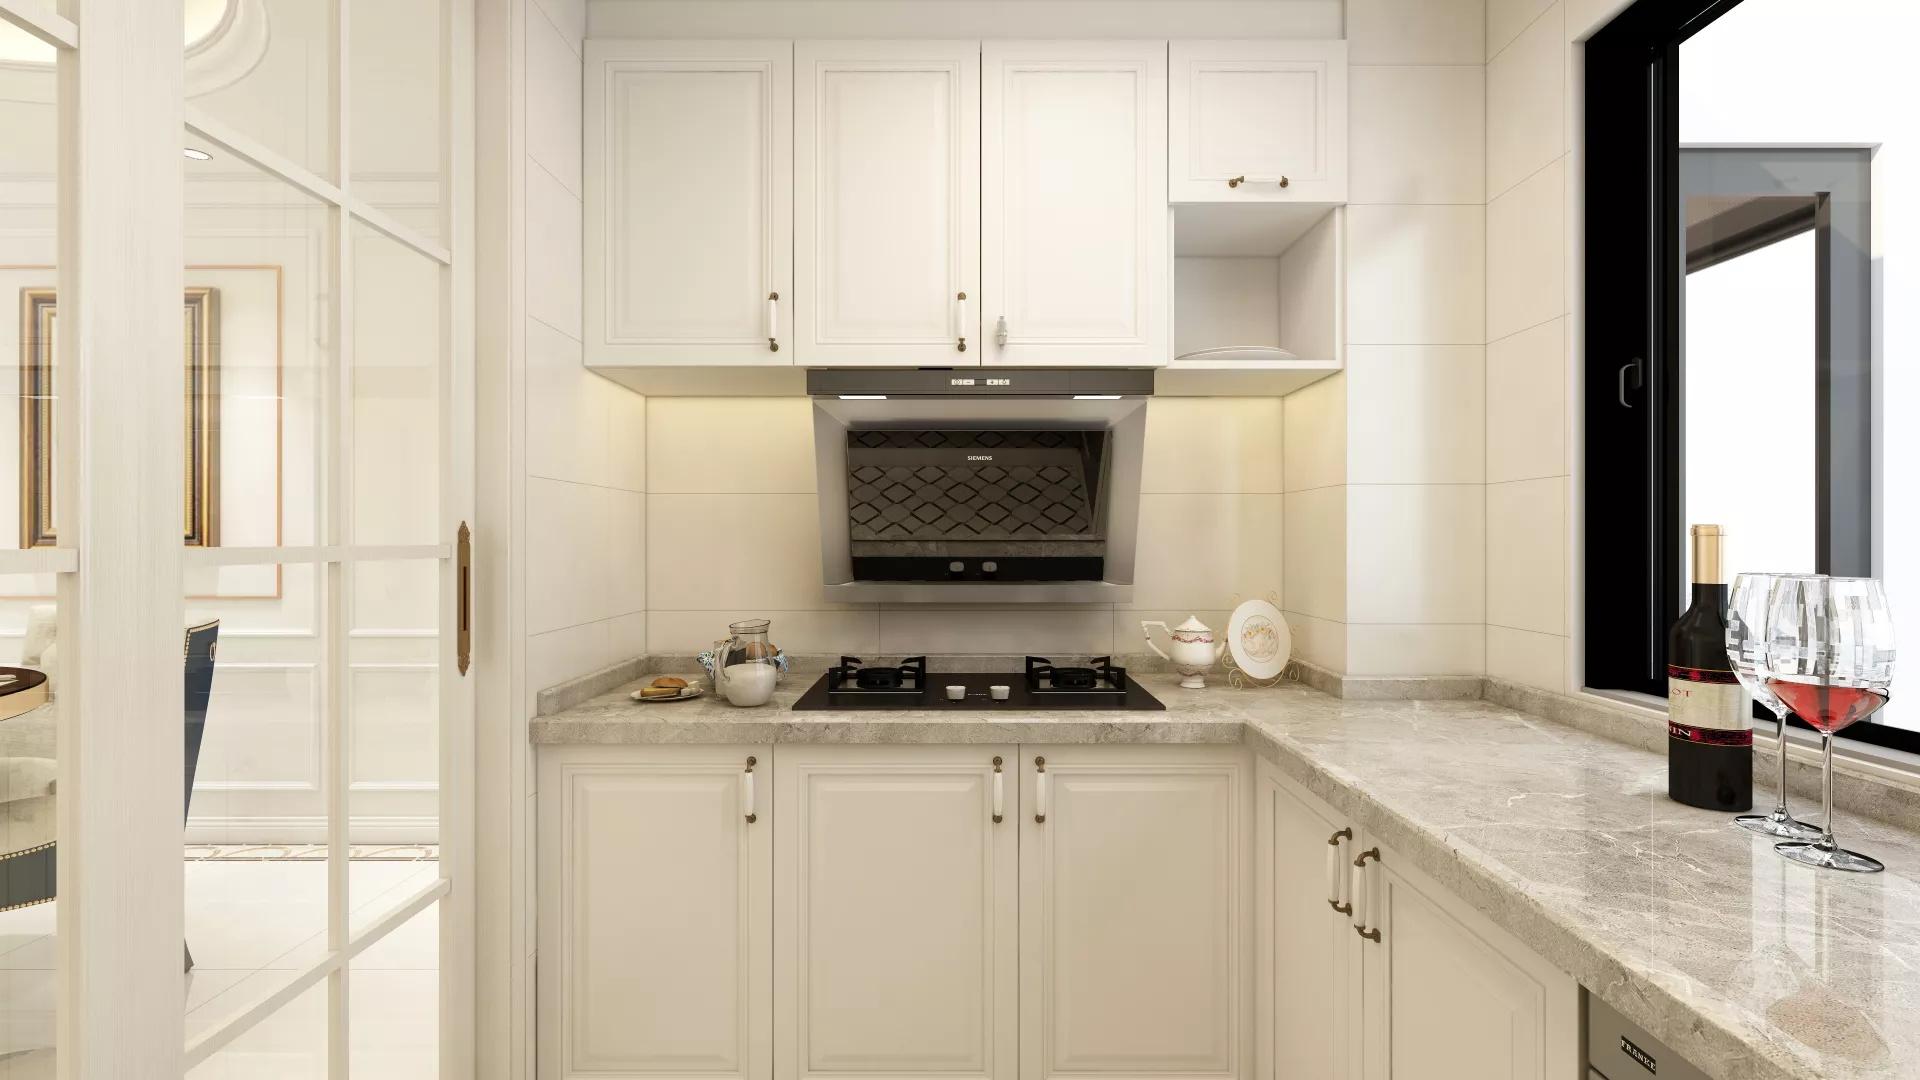 开放式厨房有哪些好处  开放式厨房三大优点